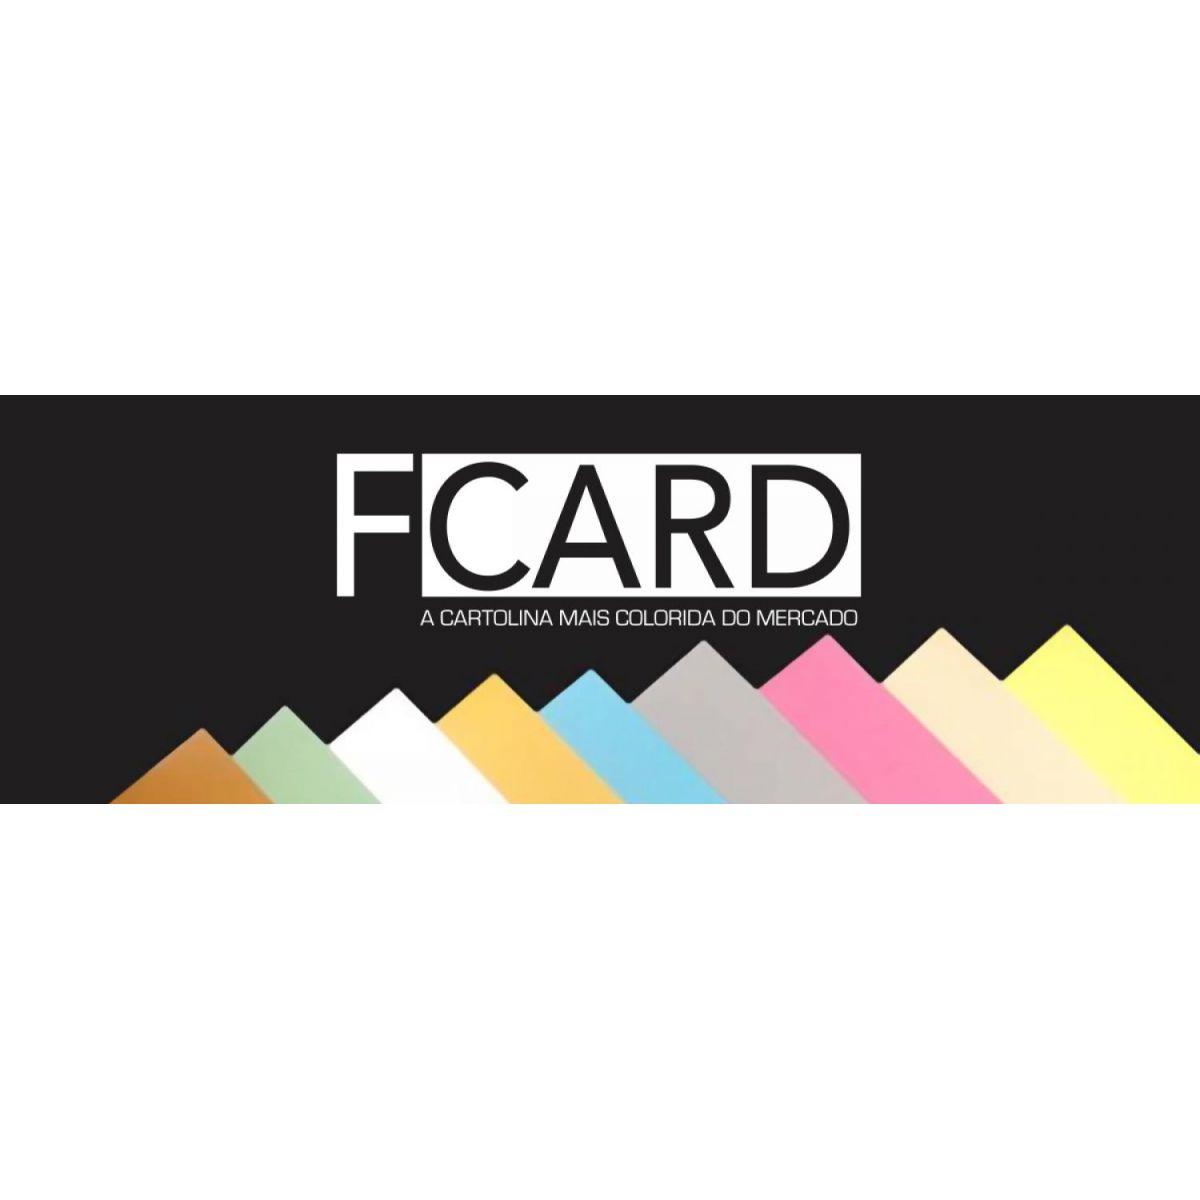 Cartolina F-CARD 55x73 cm - 180g com 5 Folhas